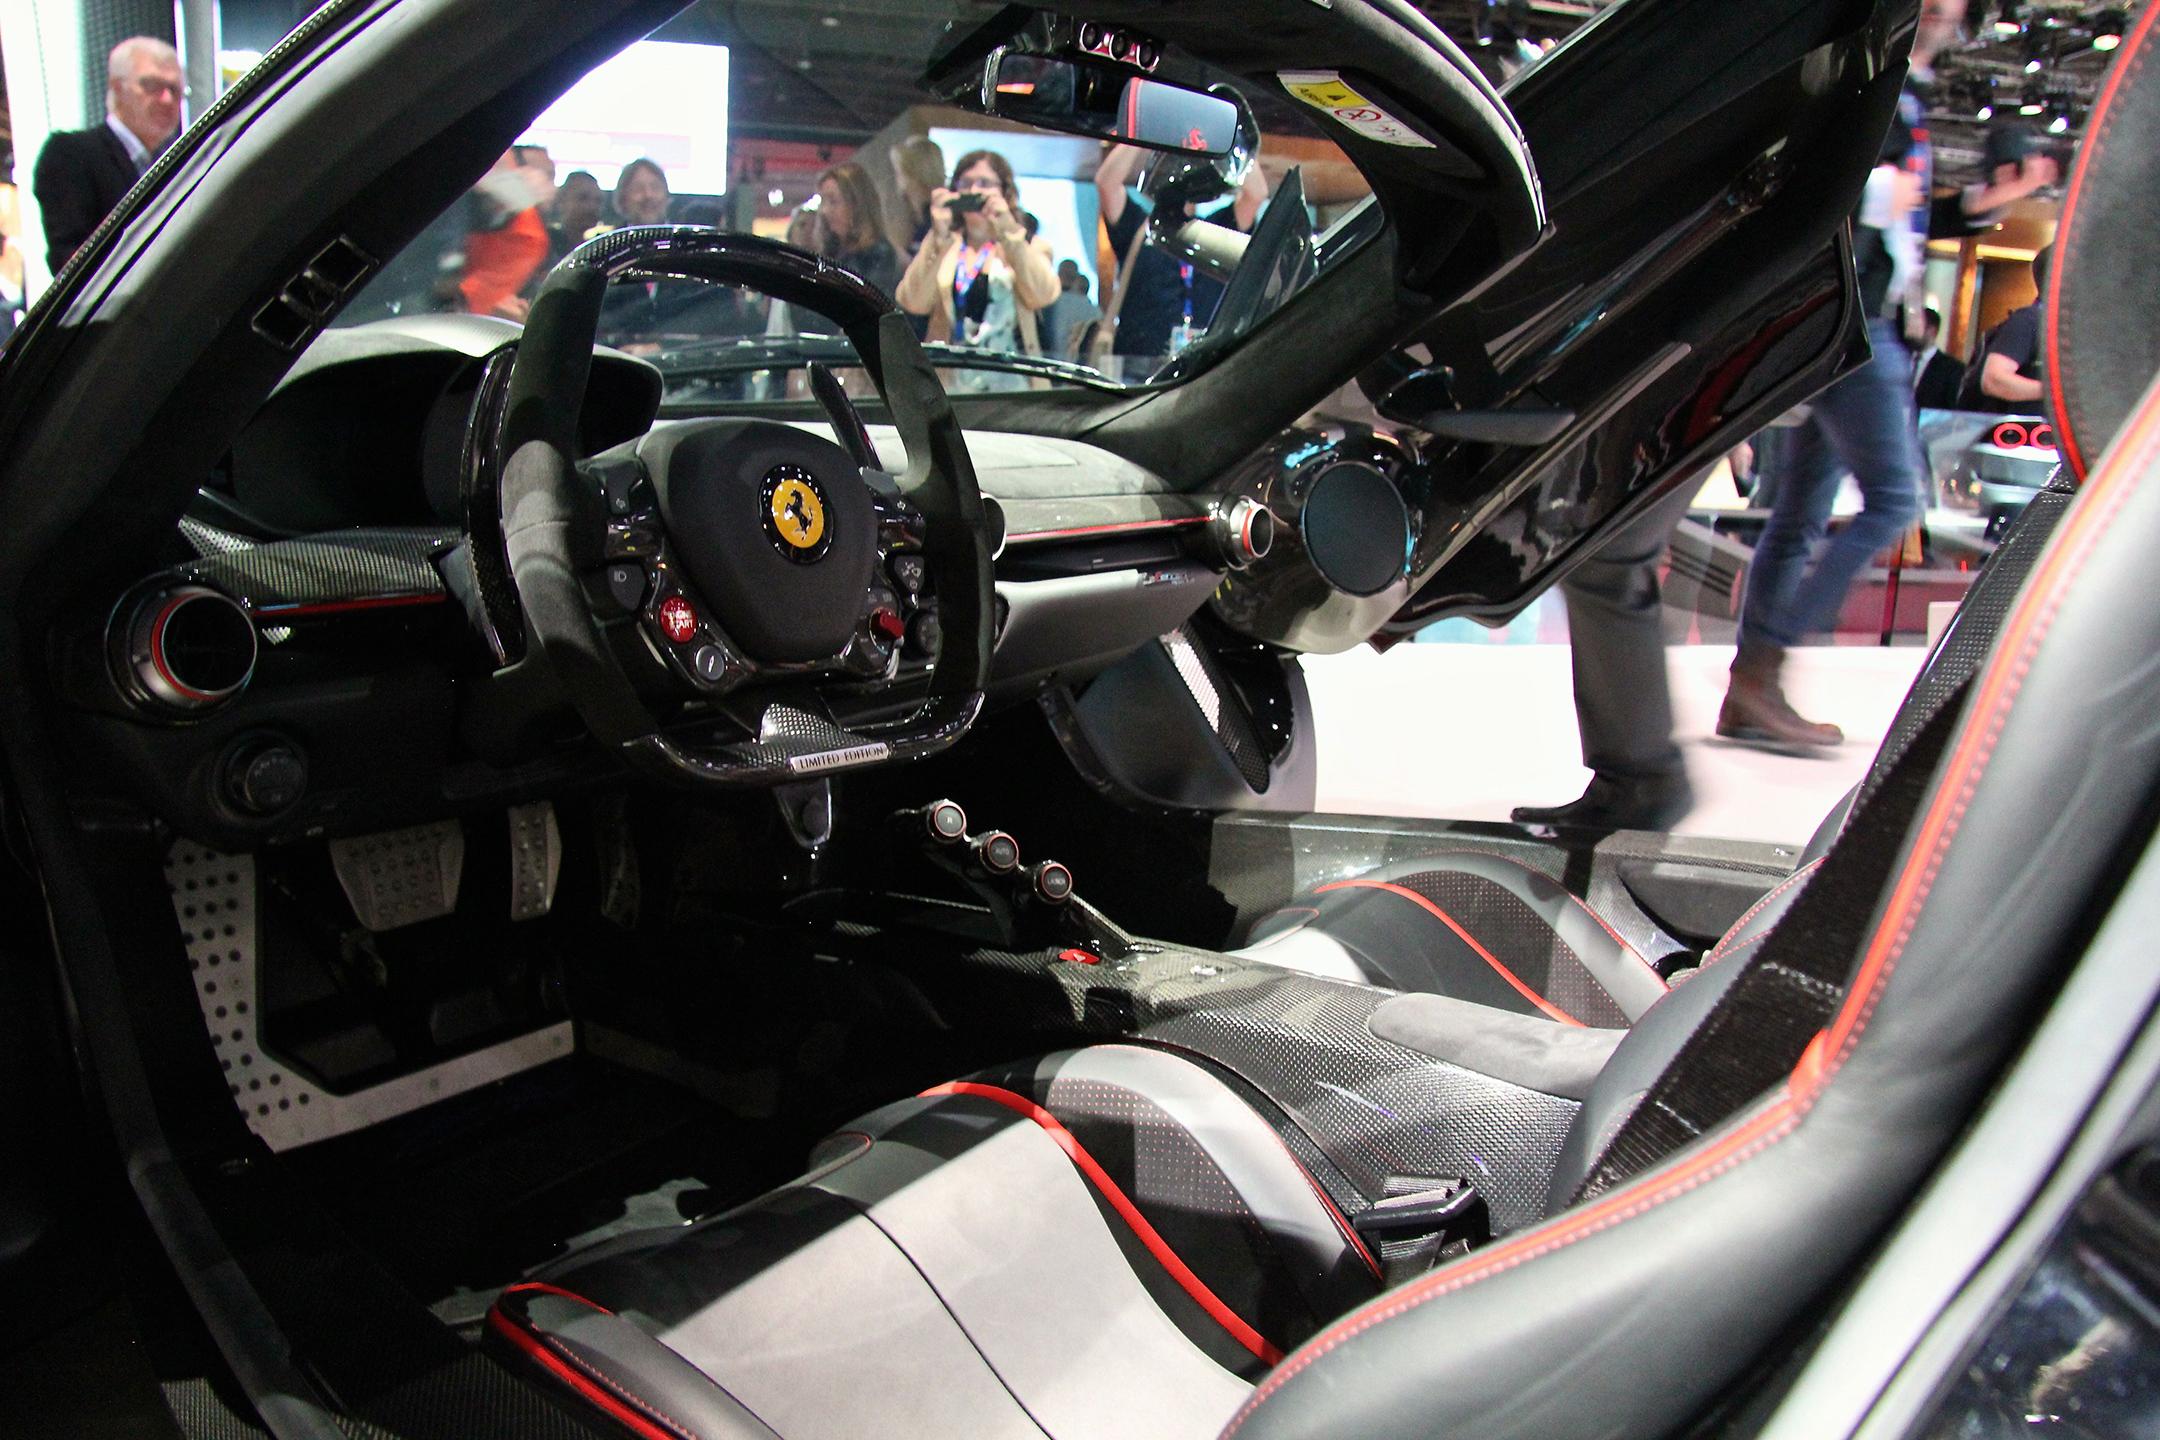 LaFerrari Aperta - 2016 - interior / intérieur - 2016 - Mondial Auto - photo Ludo Ferrari